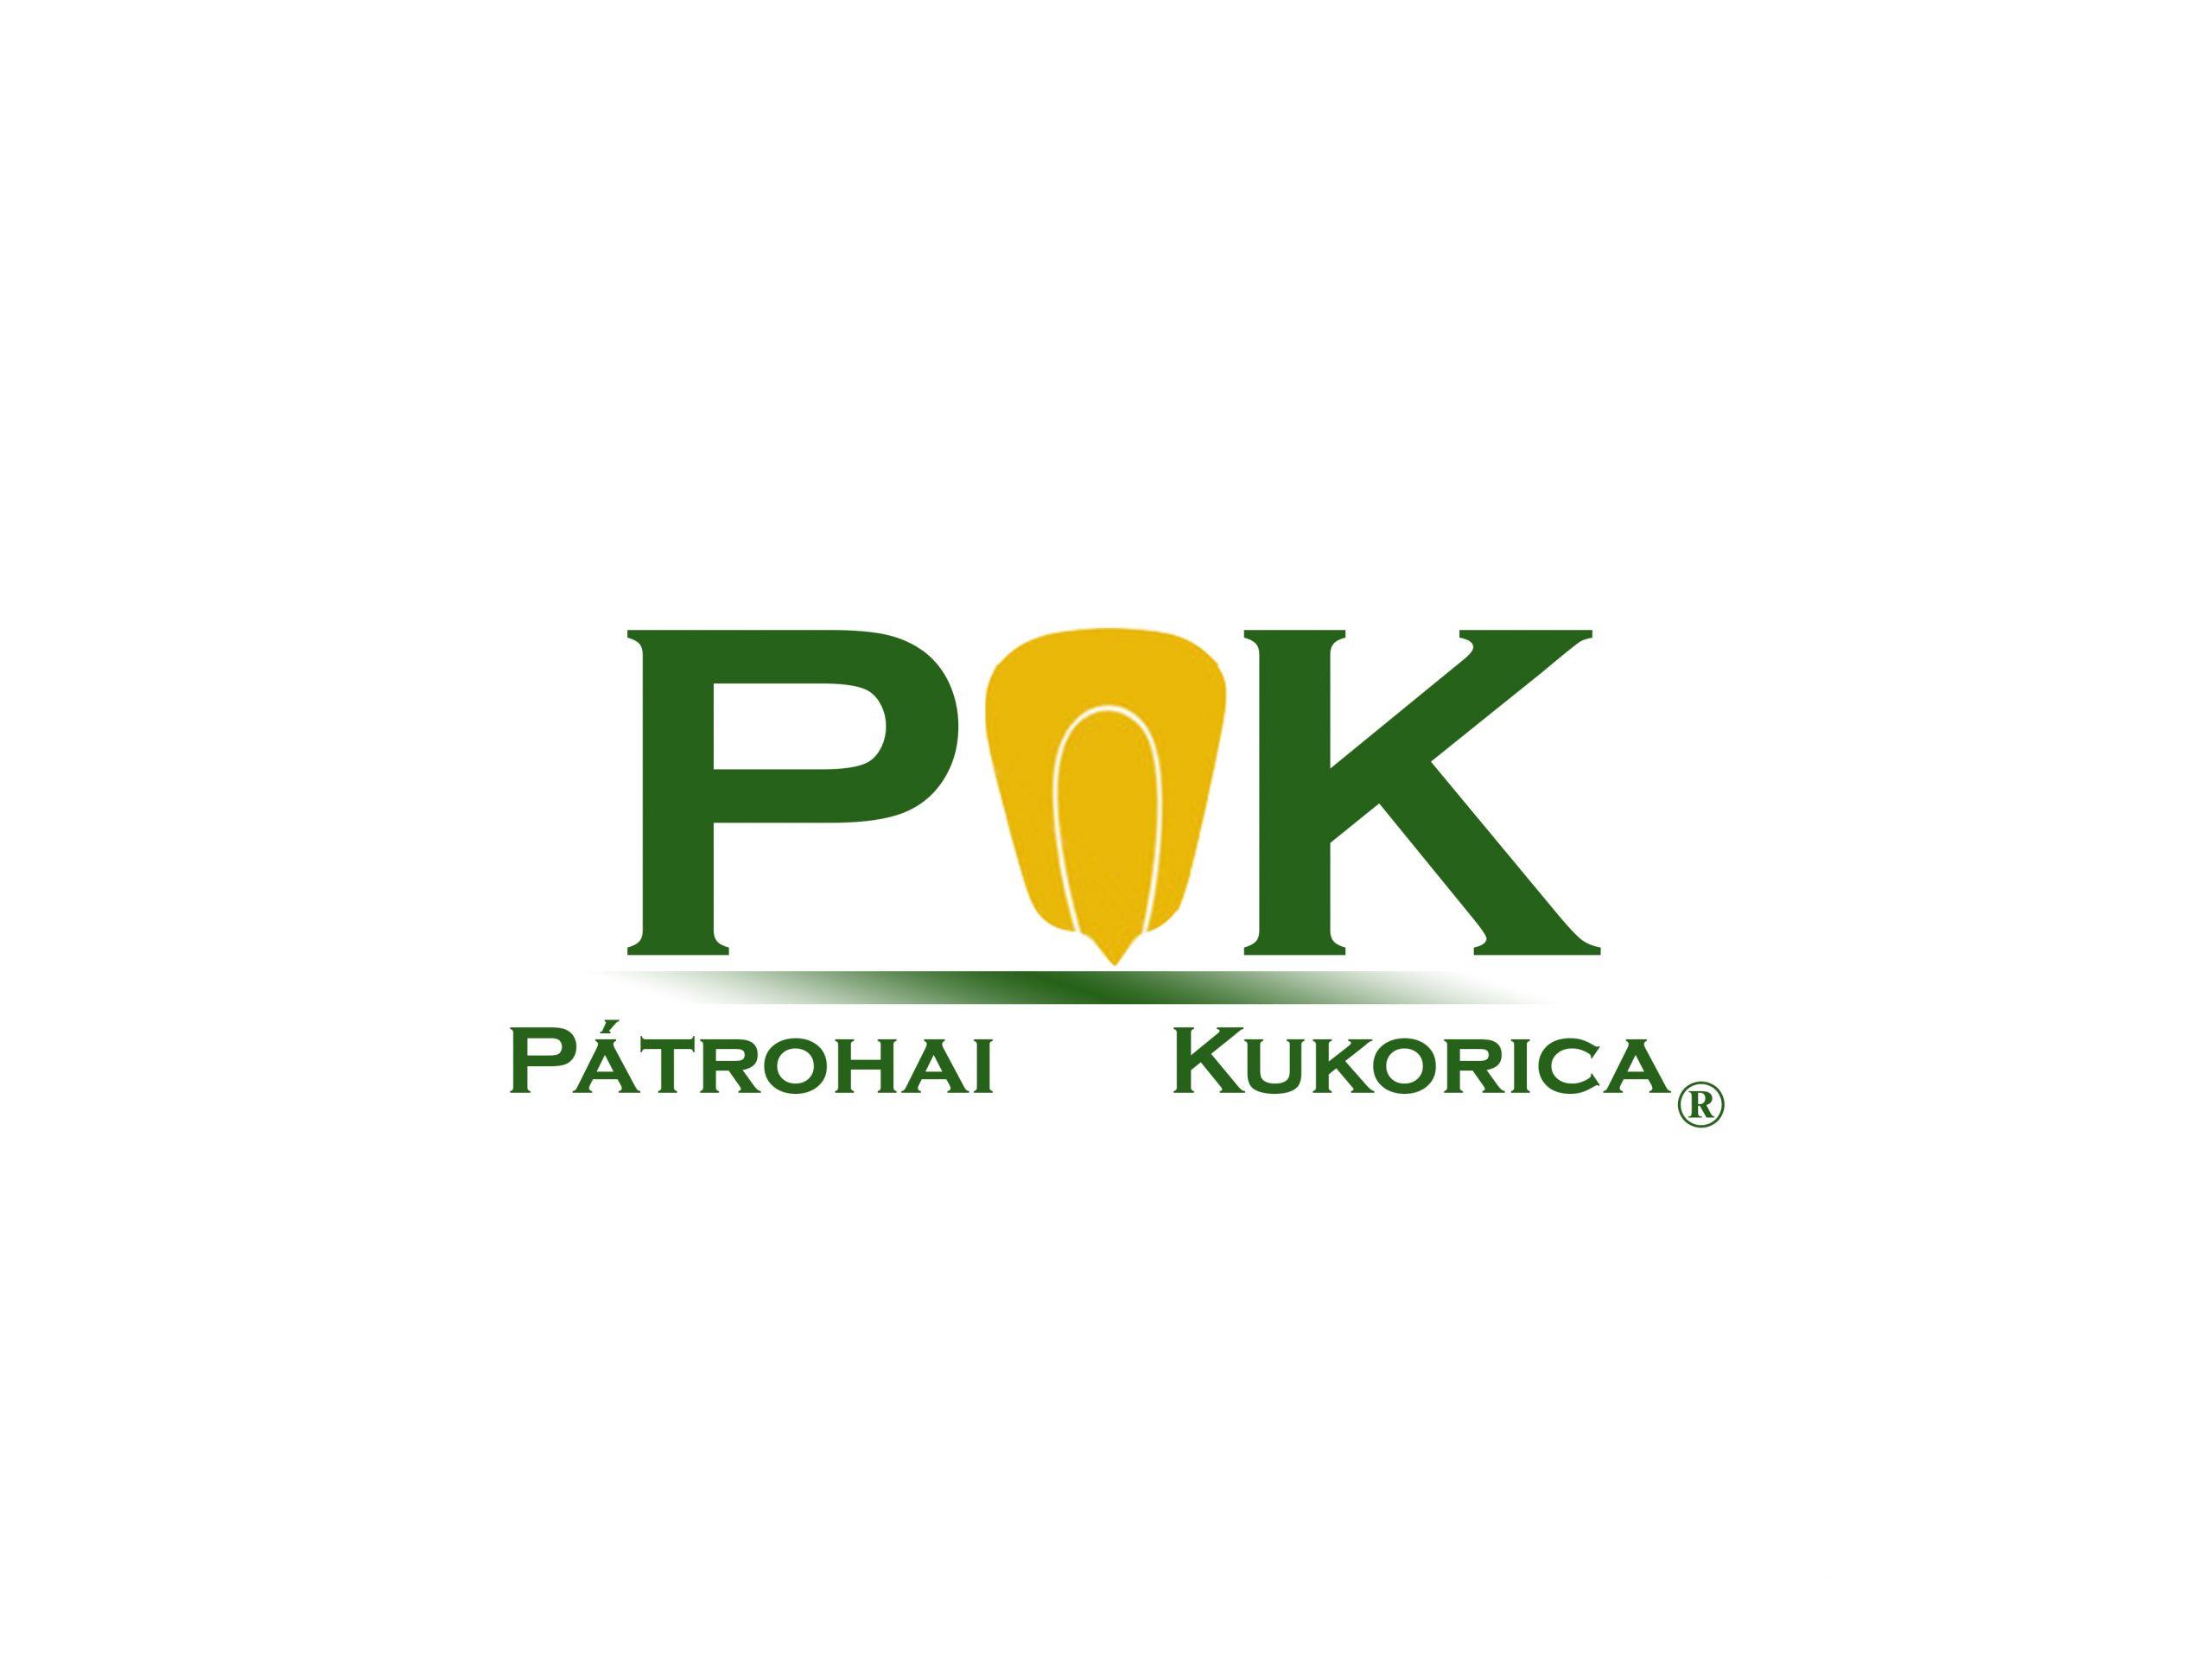 PK-001 Organikus Kukorica előrendelési AKCIÓ! Az igazi kukorica! SZEMES/SILÓ HASZNOSÍTÁSRA